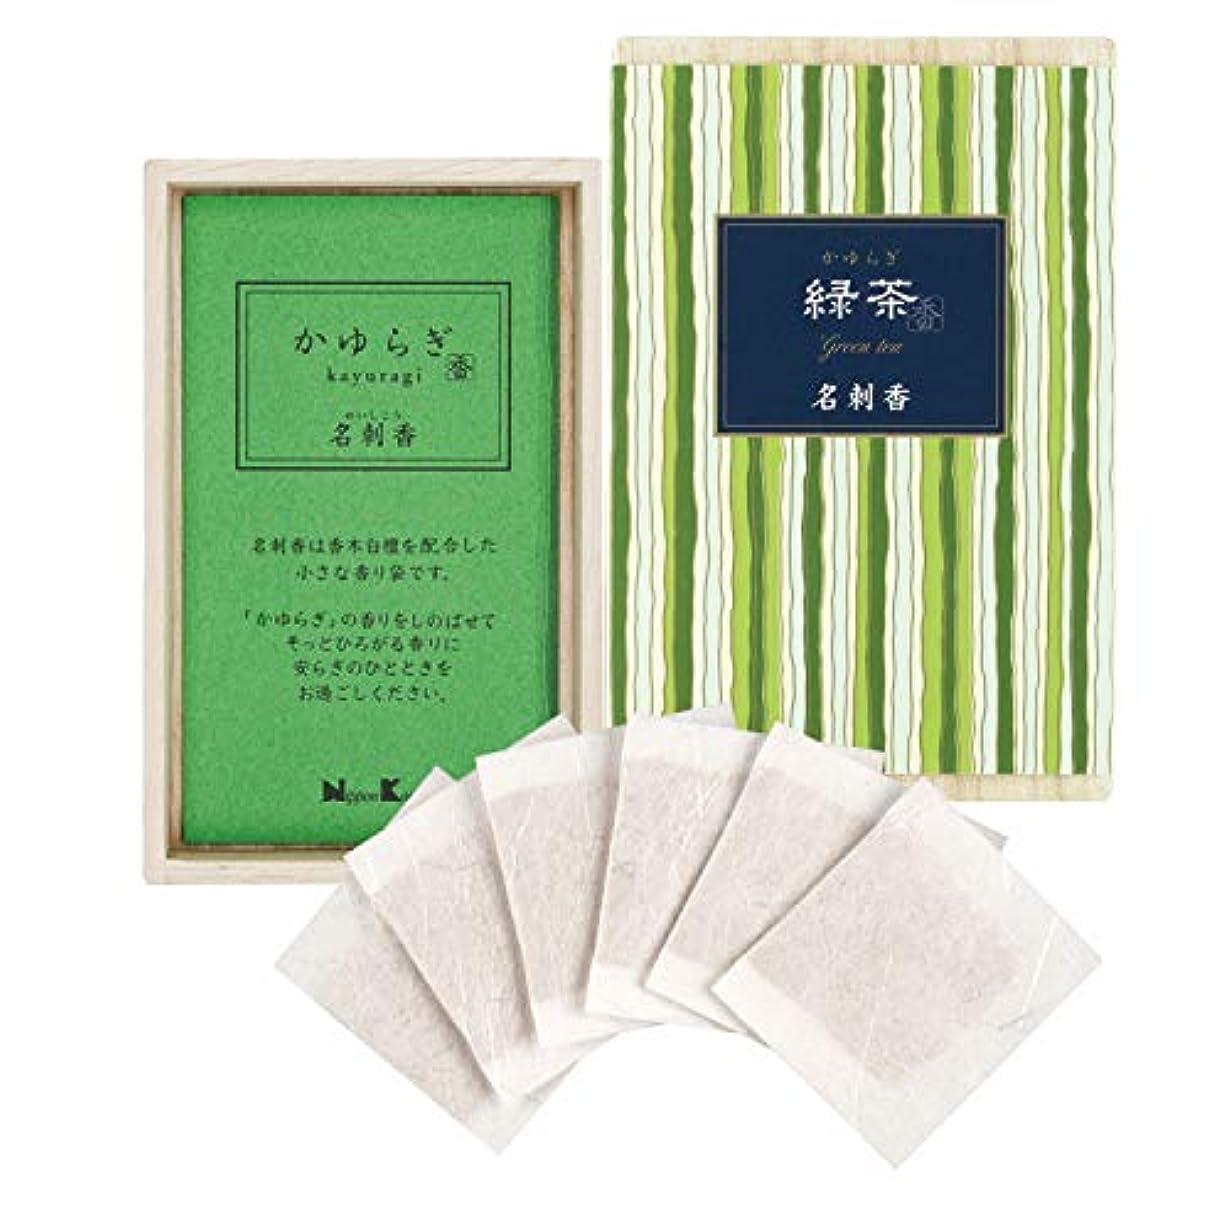 確立交換可能定刻かゆらぎ 緑茶 名刺香 桐箱 6入